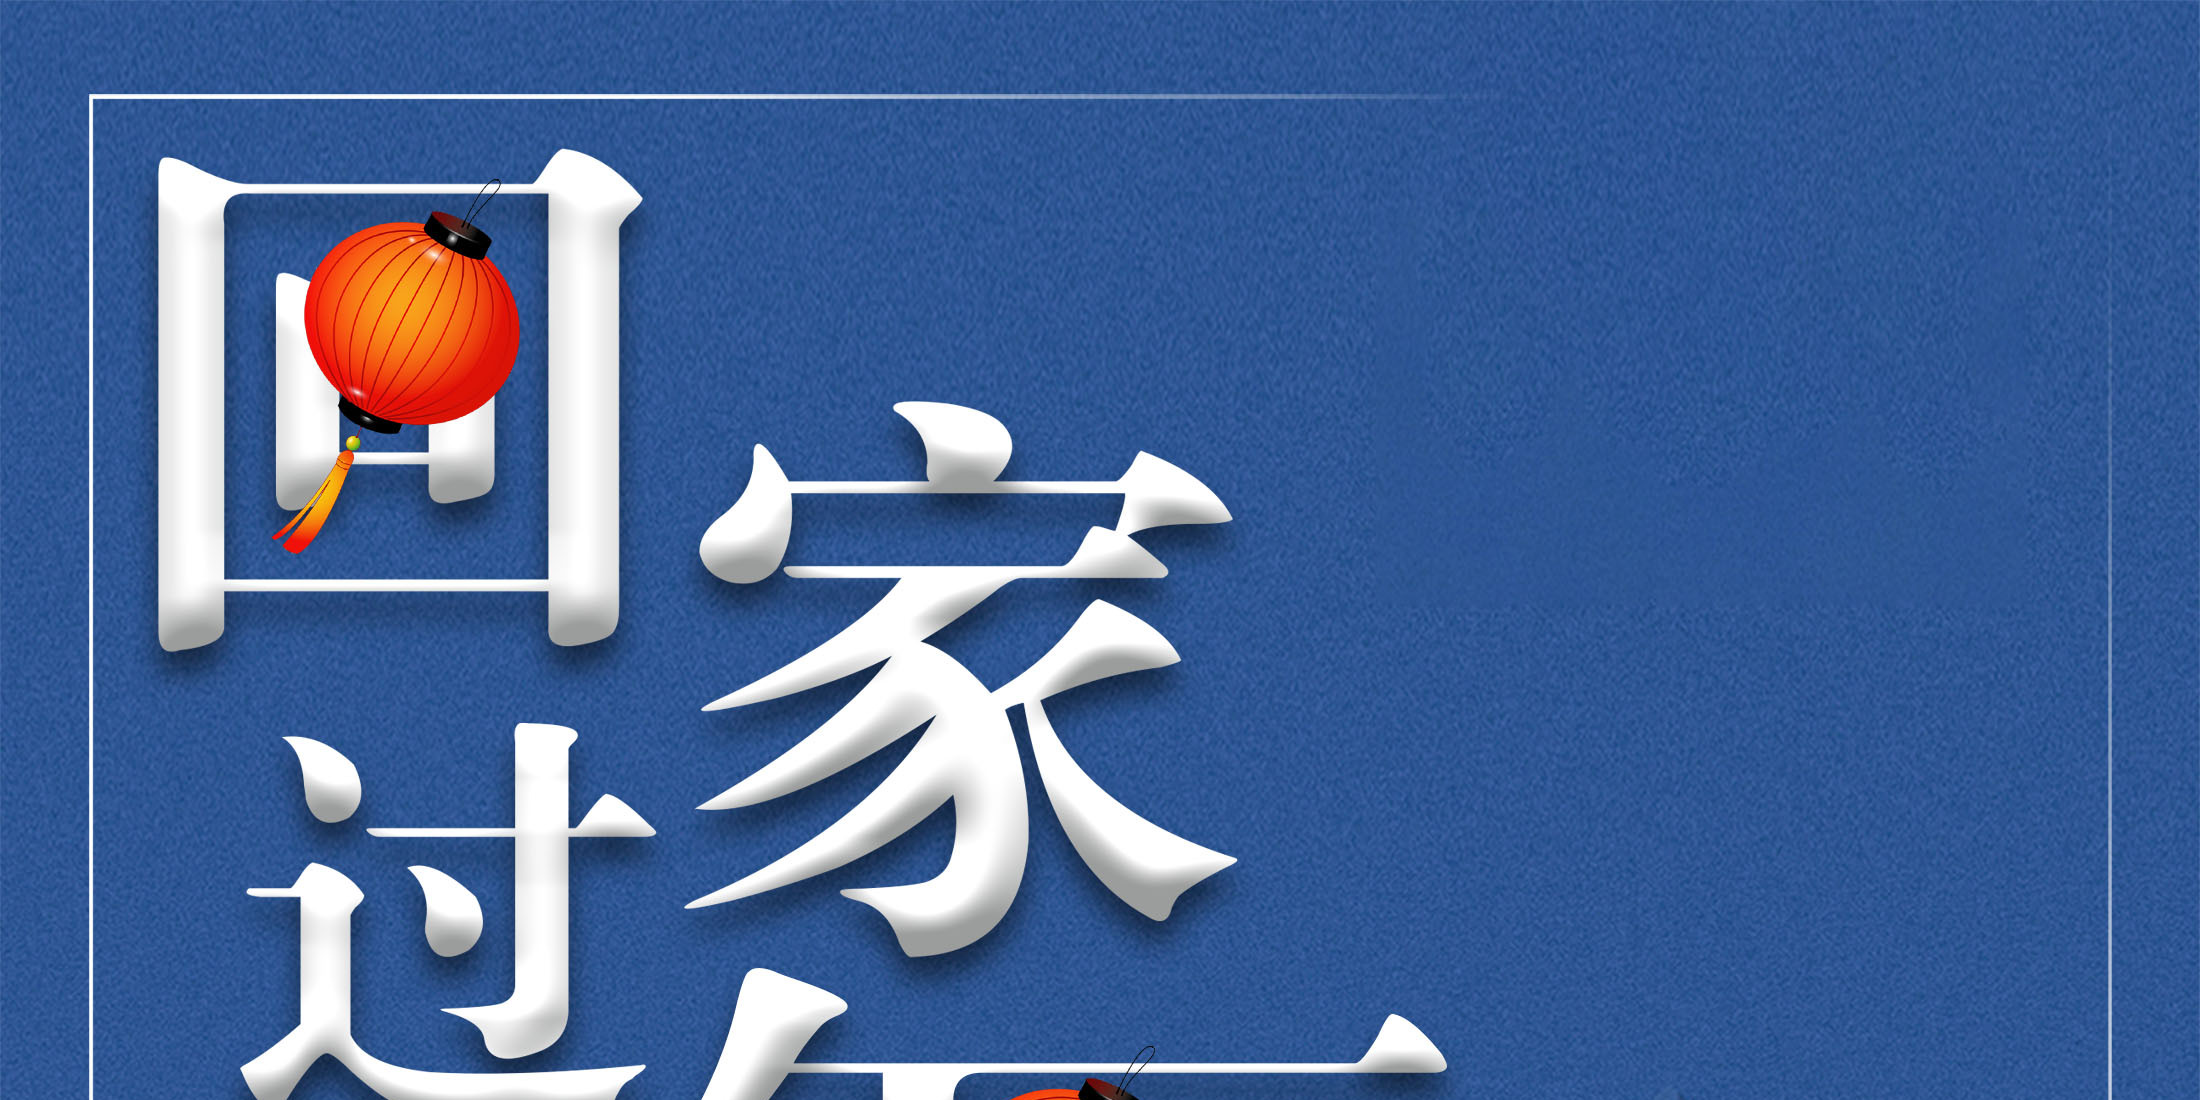 回家过年蓝色系简约模版海报模板免费下载_广酒行室内设计注意事项图片